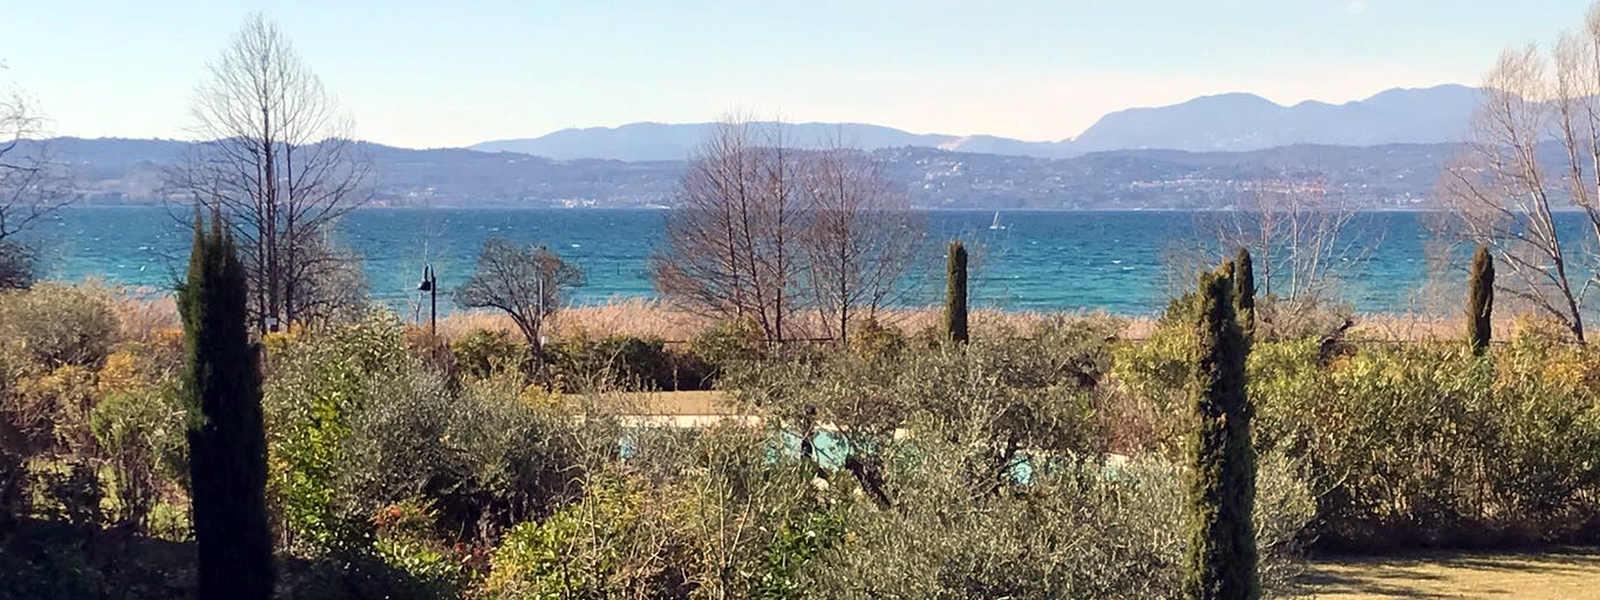 Lake view apartment Sirmione Lake Garda waterfront